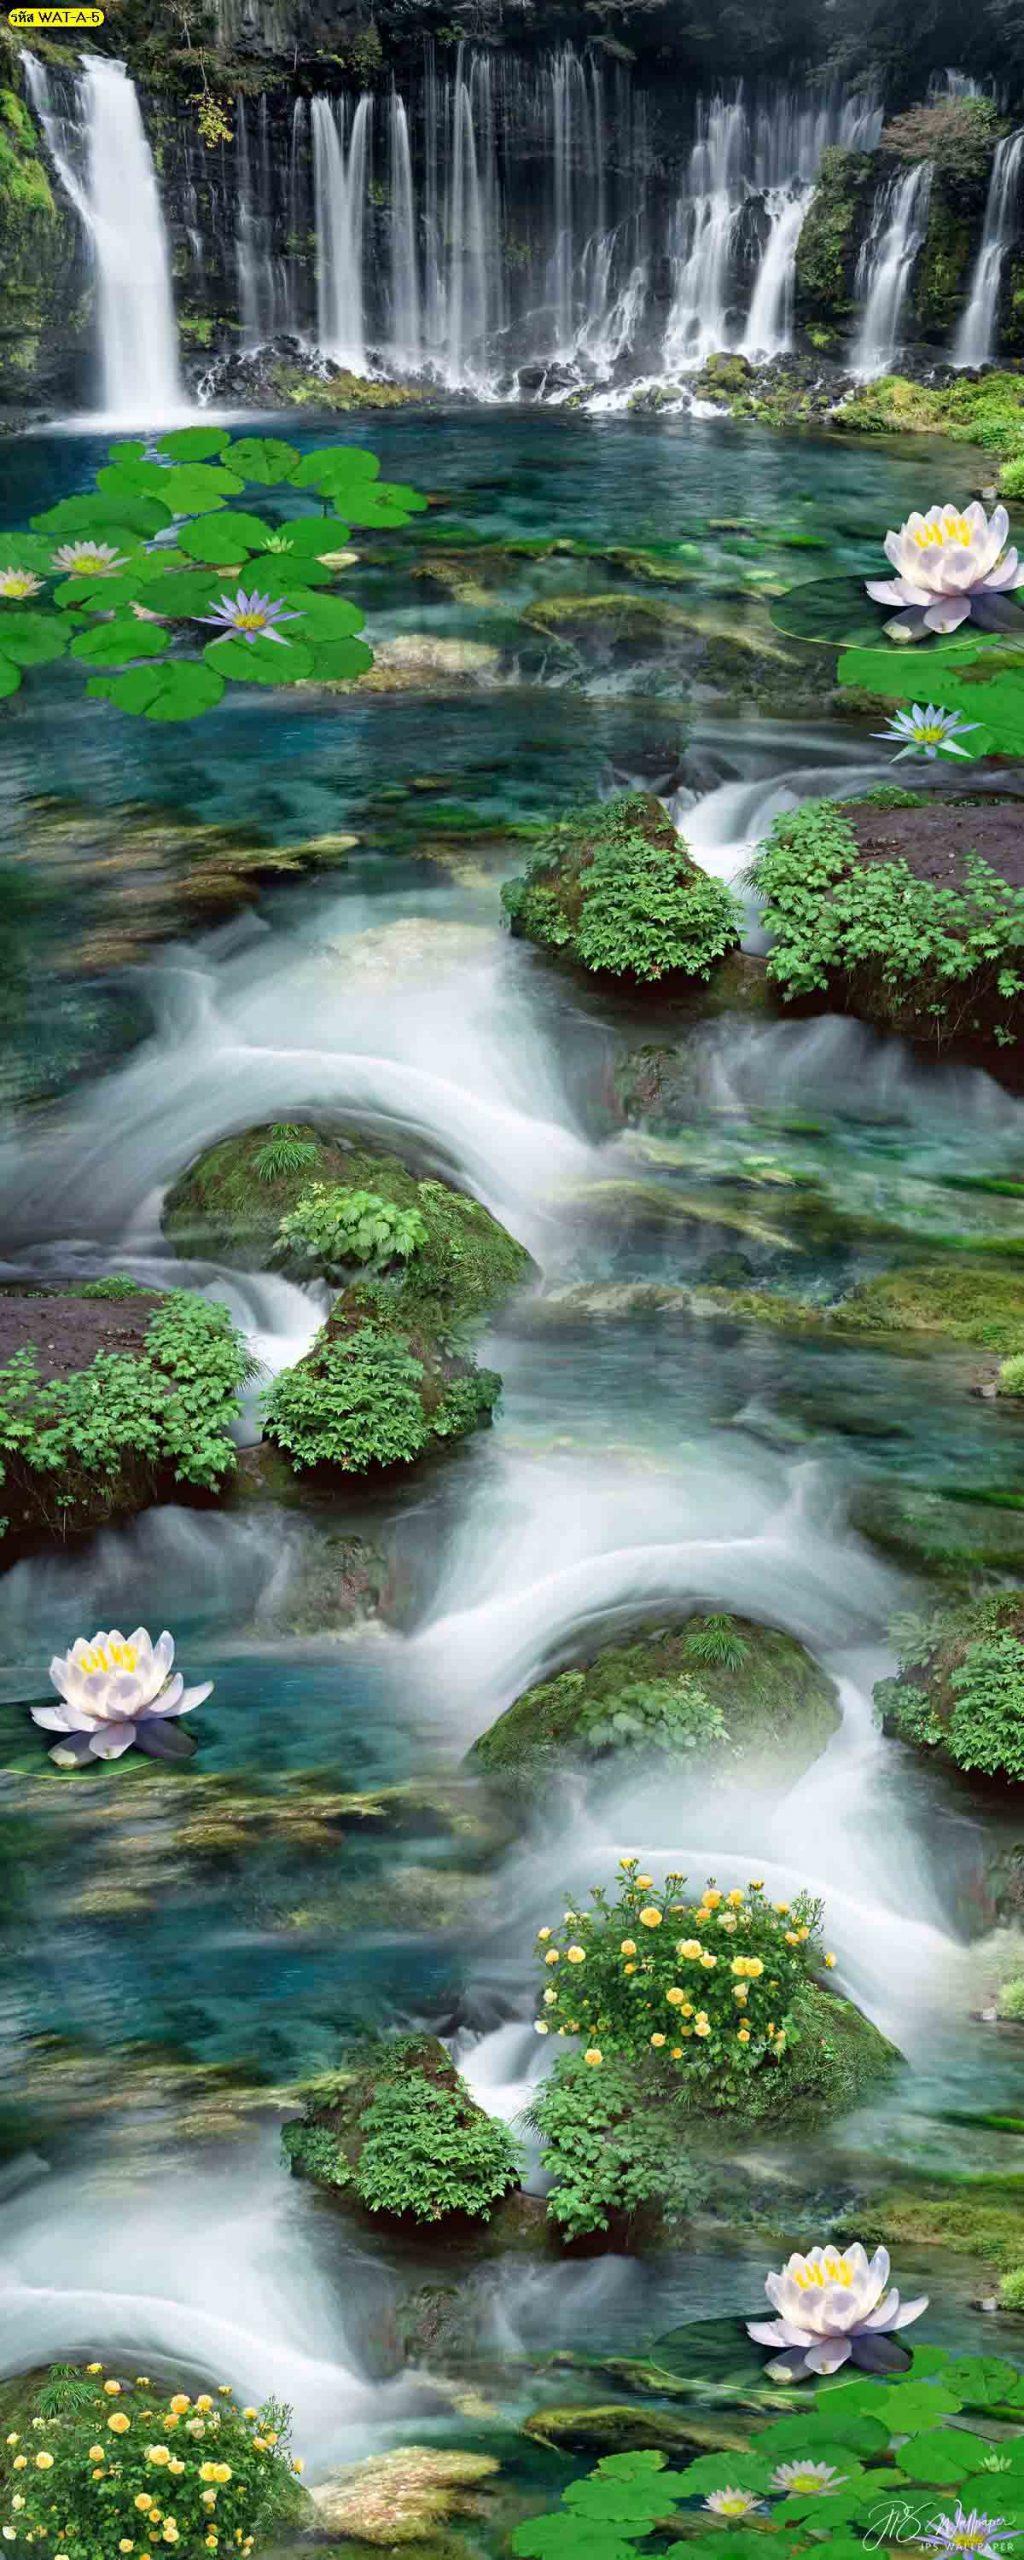 วอลเปเปอร์ธารน้ำตกและดอกบัว รูปภาพธารน้ำตกขนาดใหญ่